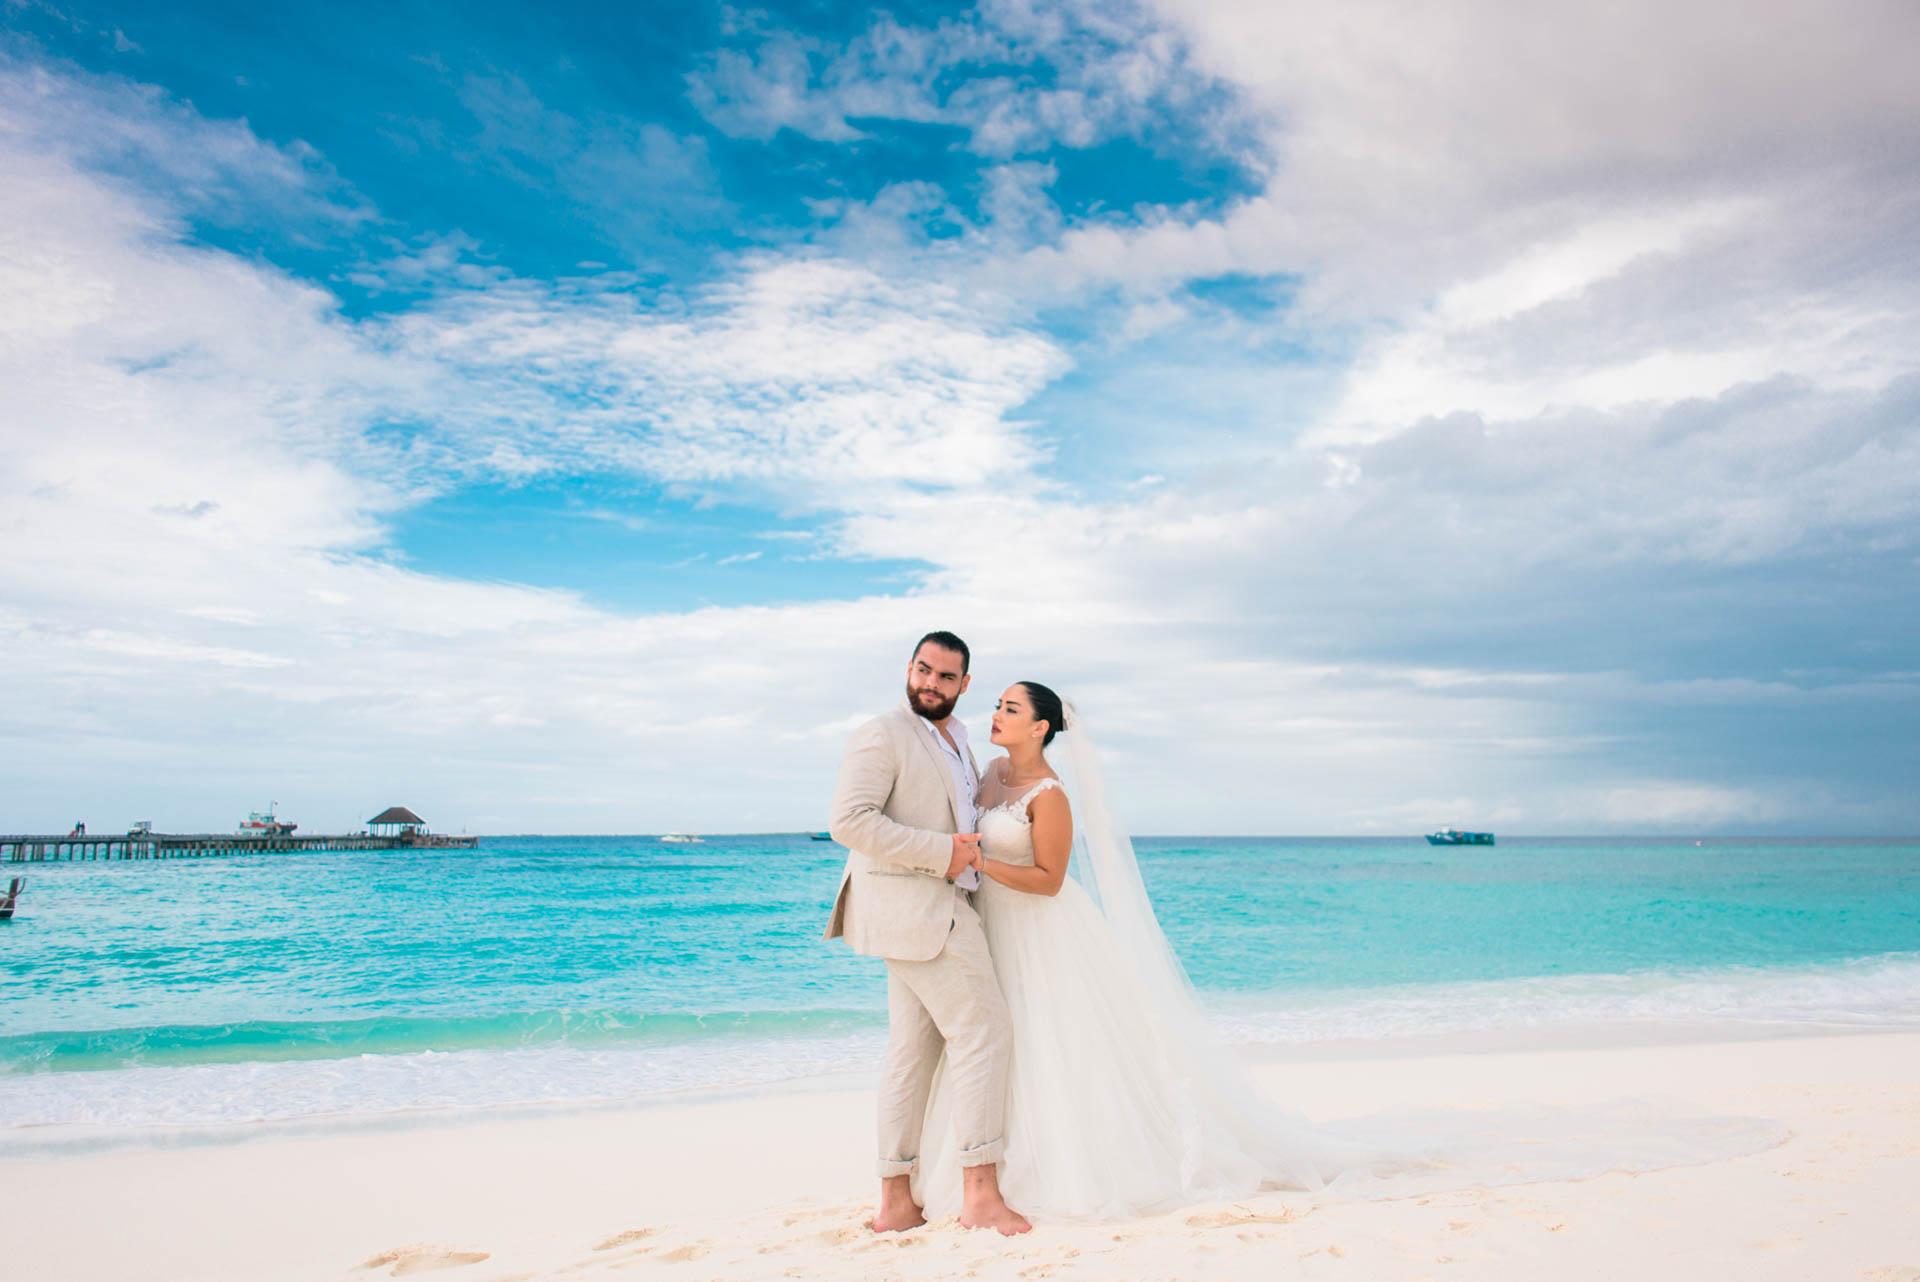 Ibrahim and Tamara at Ja Manafaru The north Most Resort of Maldives 1